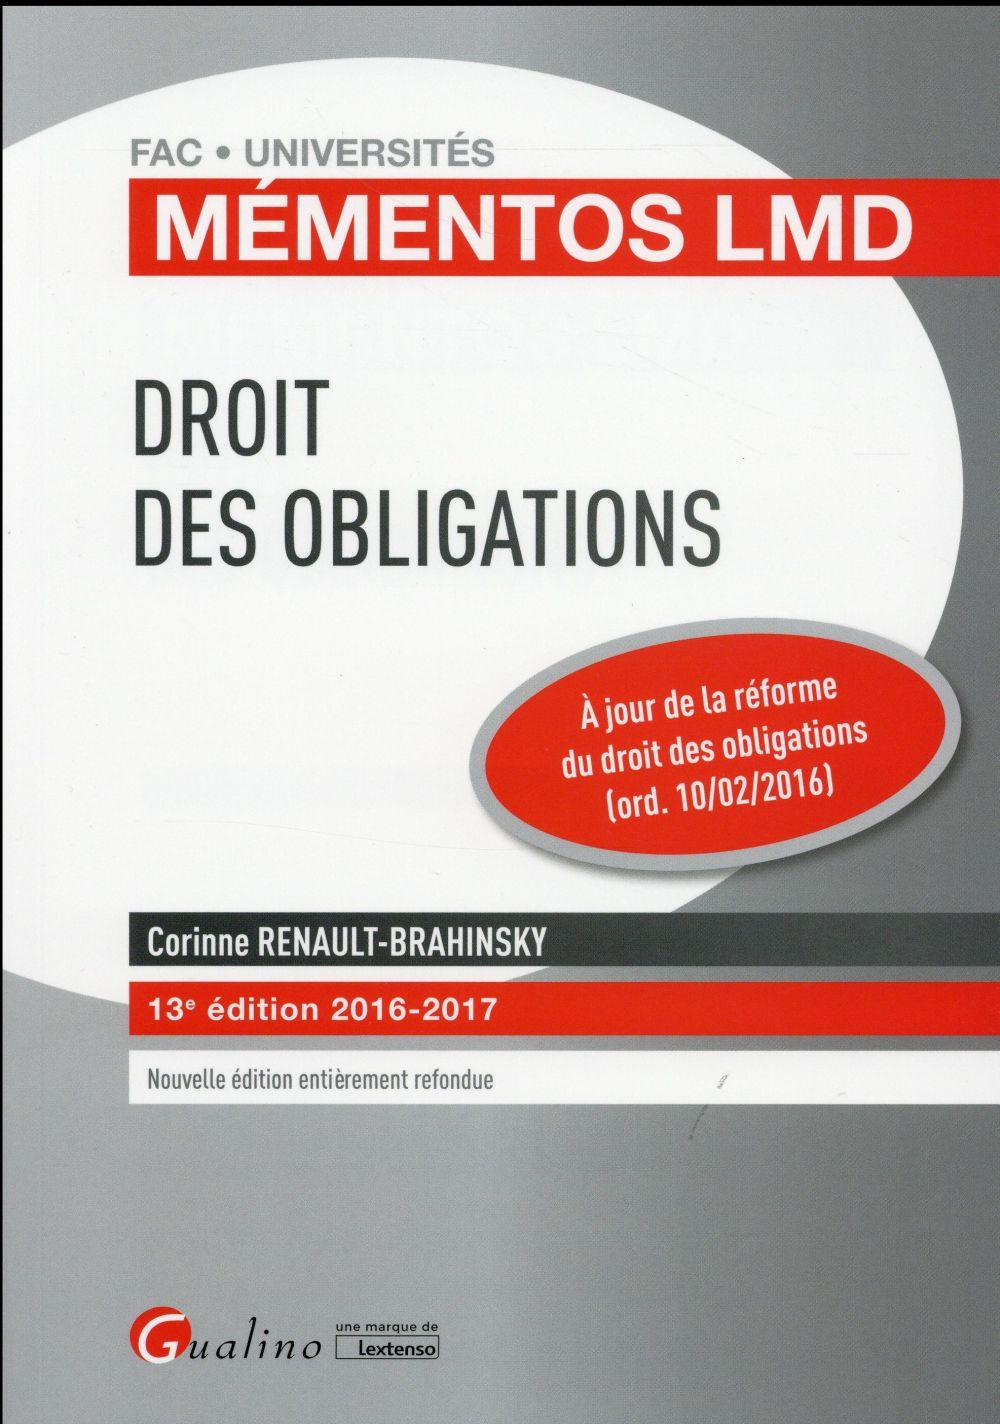 DROIT DES OBLIGATIONS 2016-2017 - 13EME EDITION - NOUVELLE EDITION ENTIEREMENT REFONDUE, A JOUR DE L